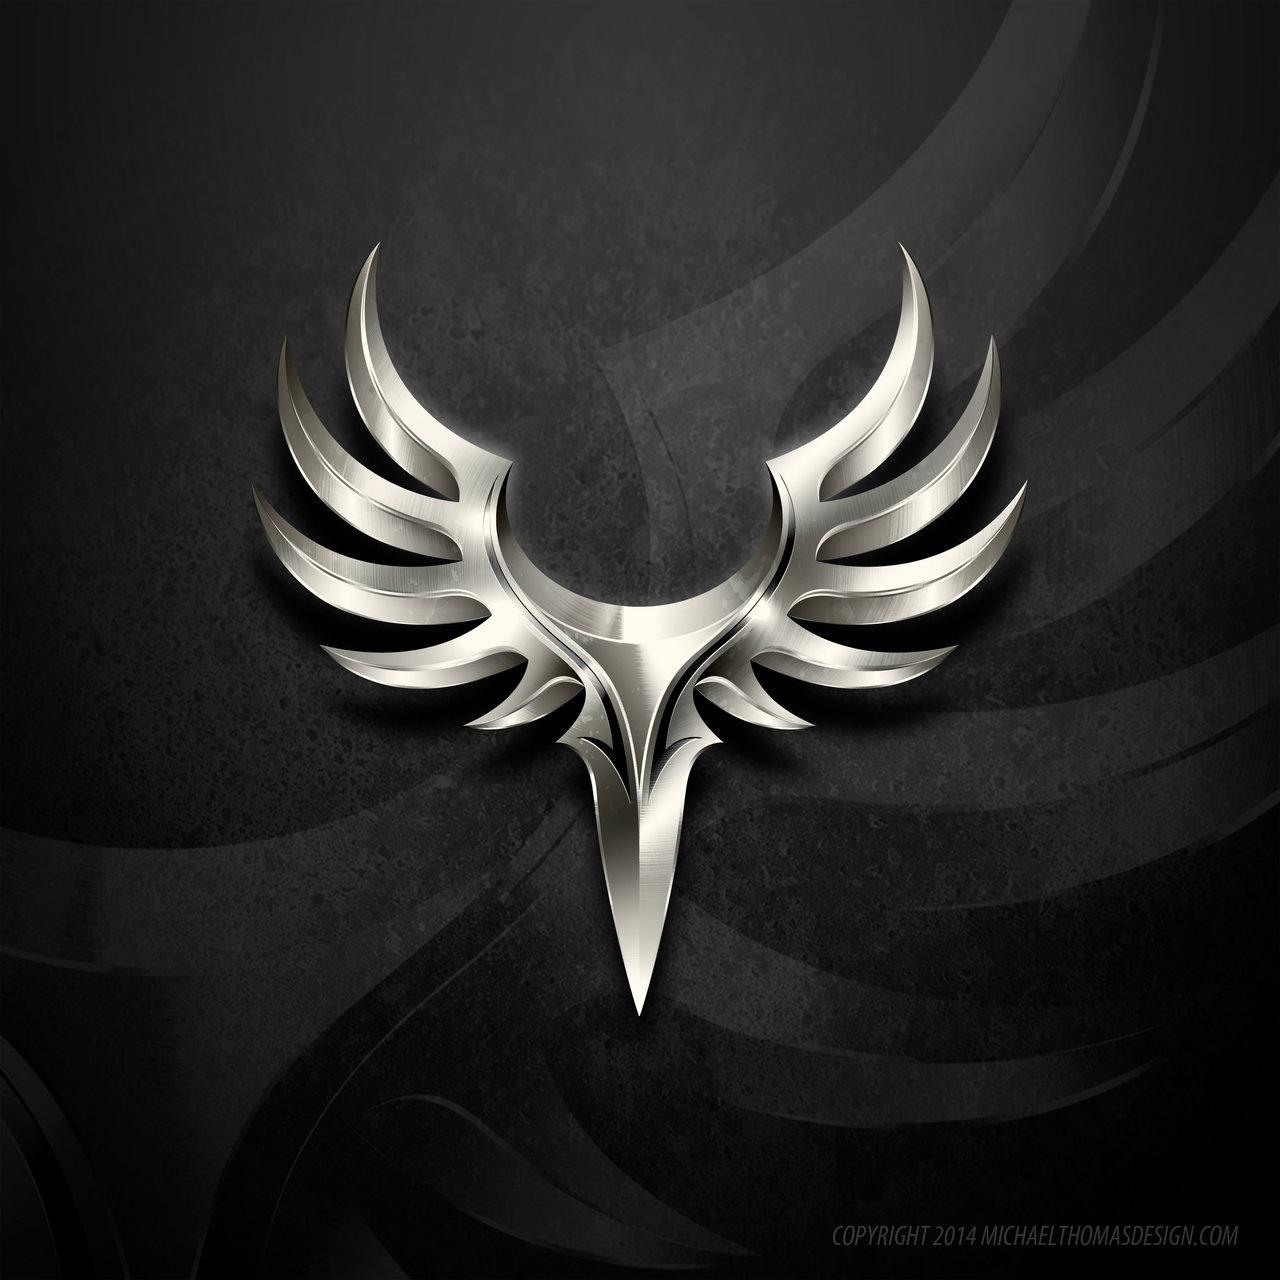 Coole Gaming Logos